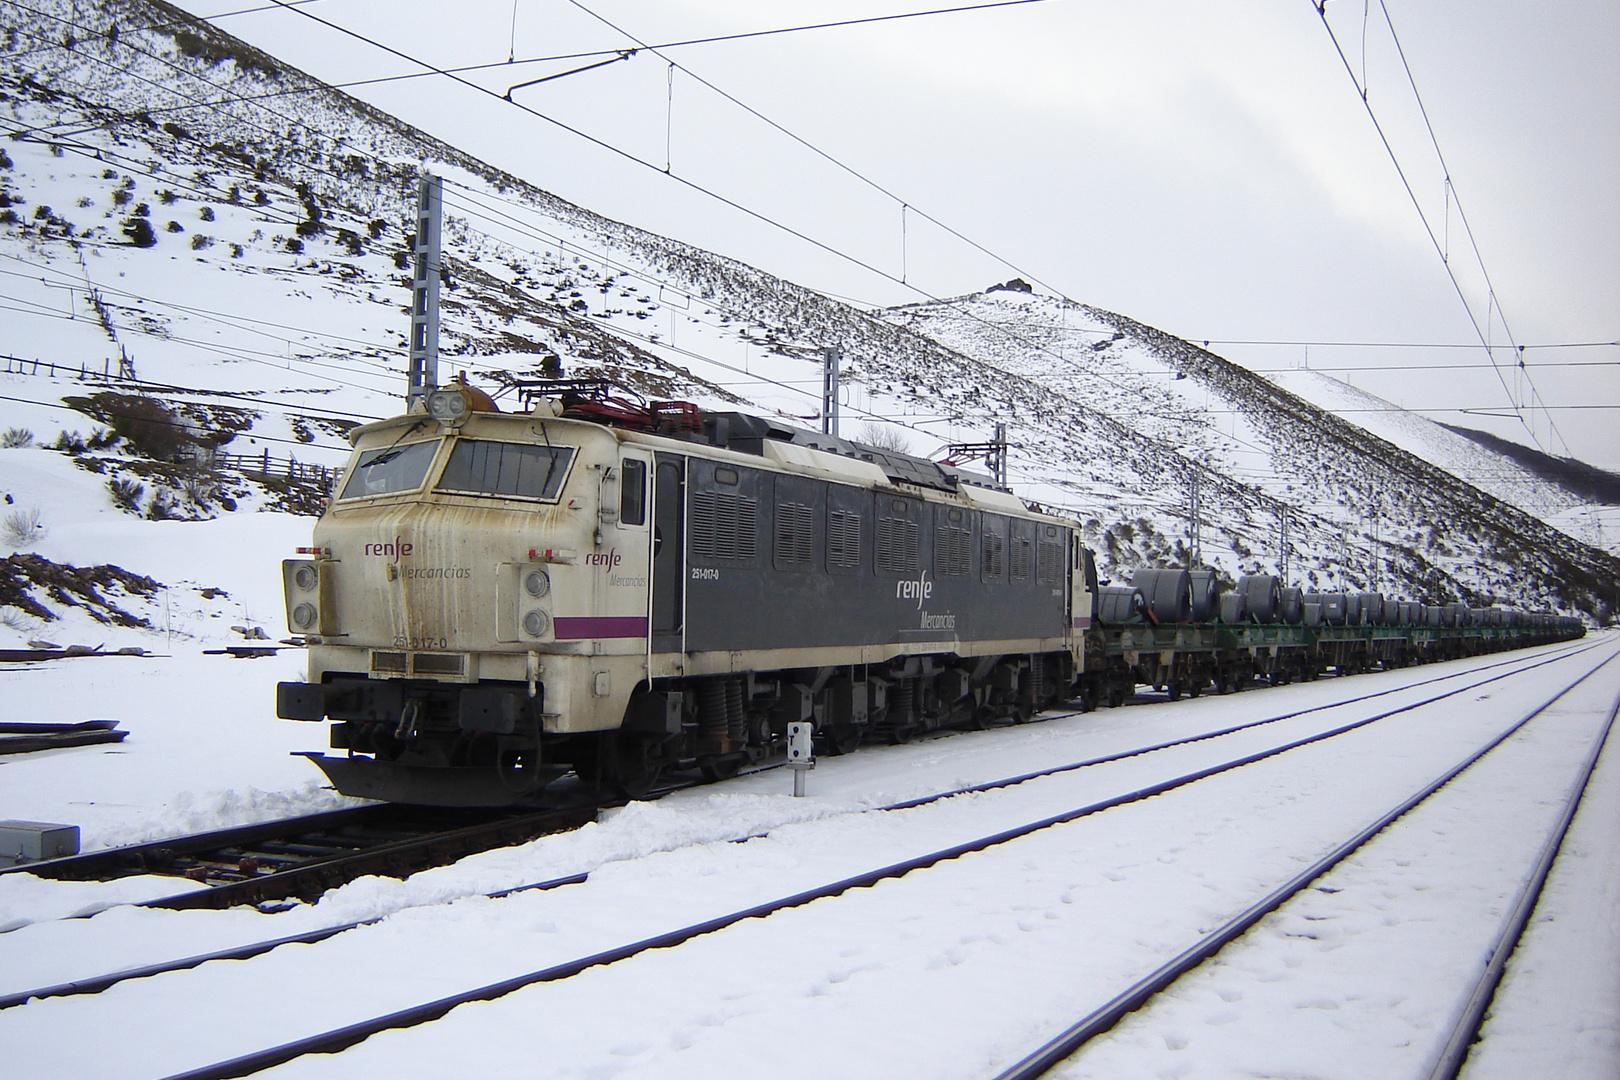 Busdongo; Pajares pass. Norhern Spain